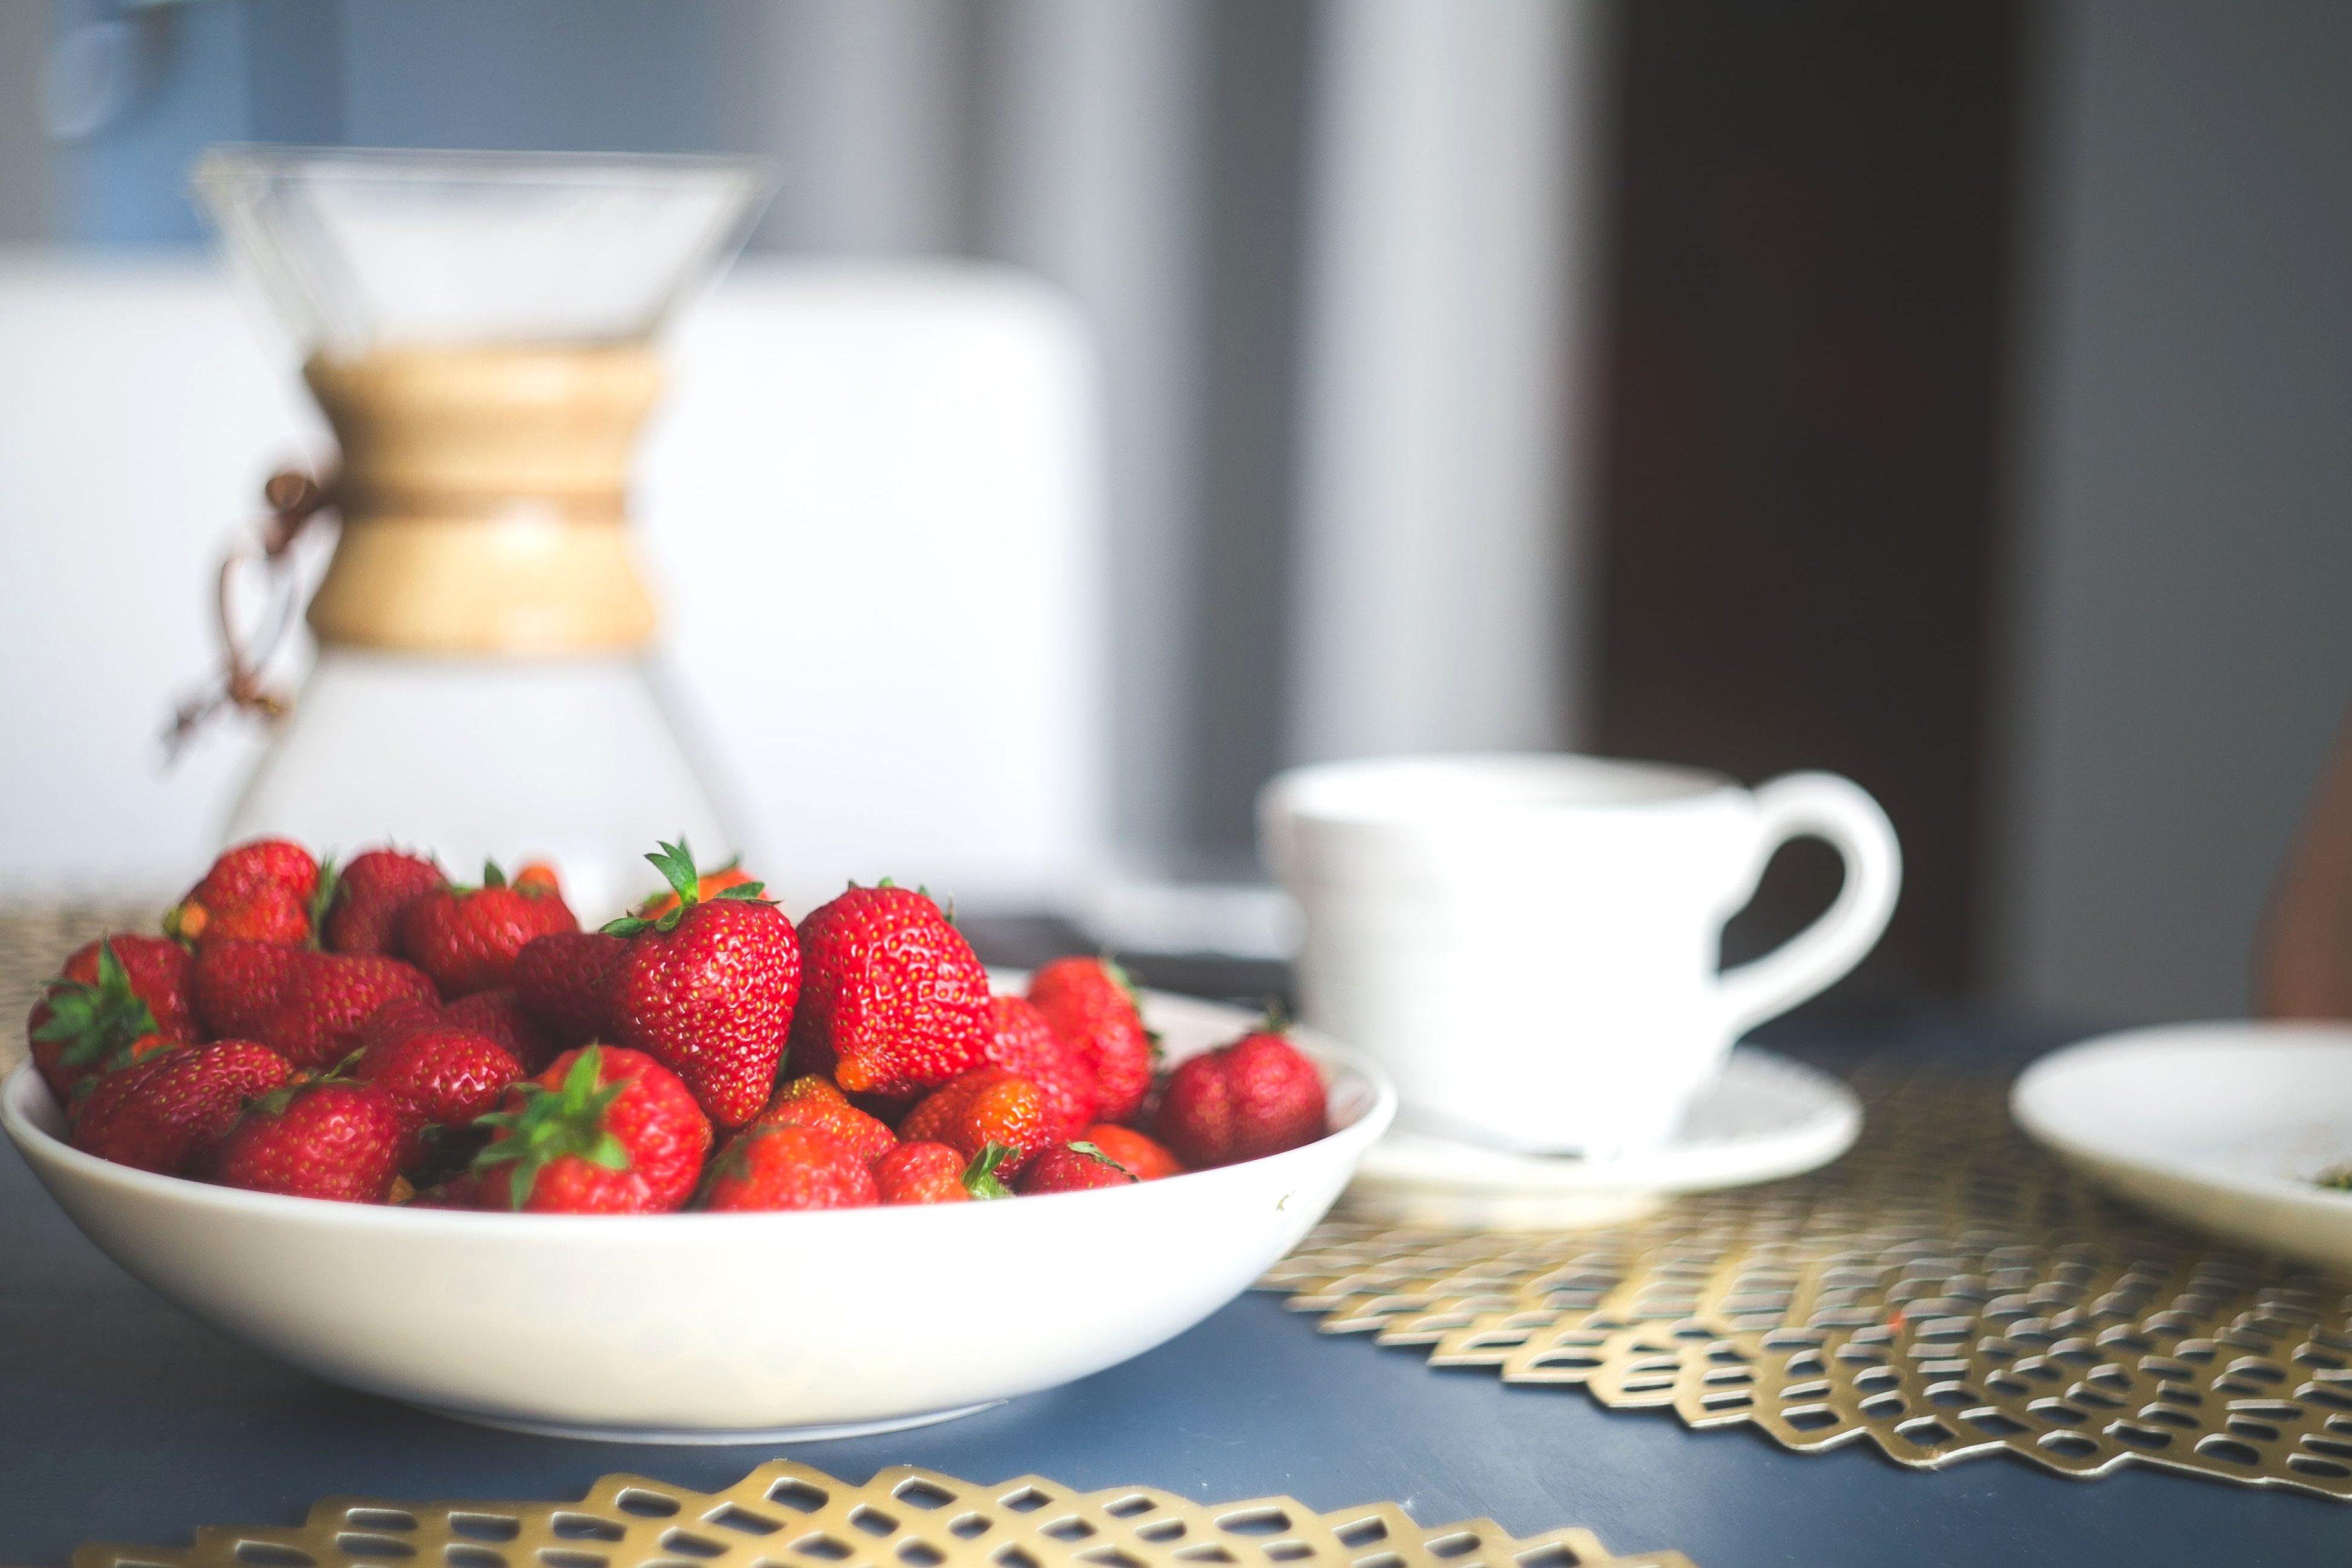 image libre frais organique fraise tasse petit d jeuner vaisselle. Black Bedroom Furniture Sets. Home Design Ideas